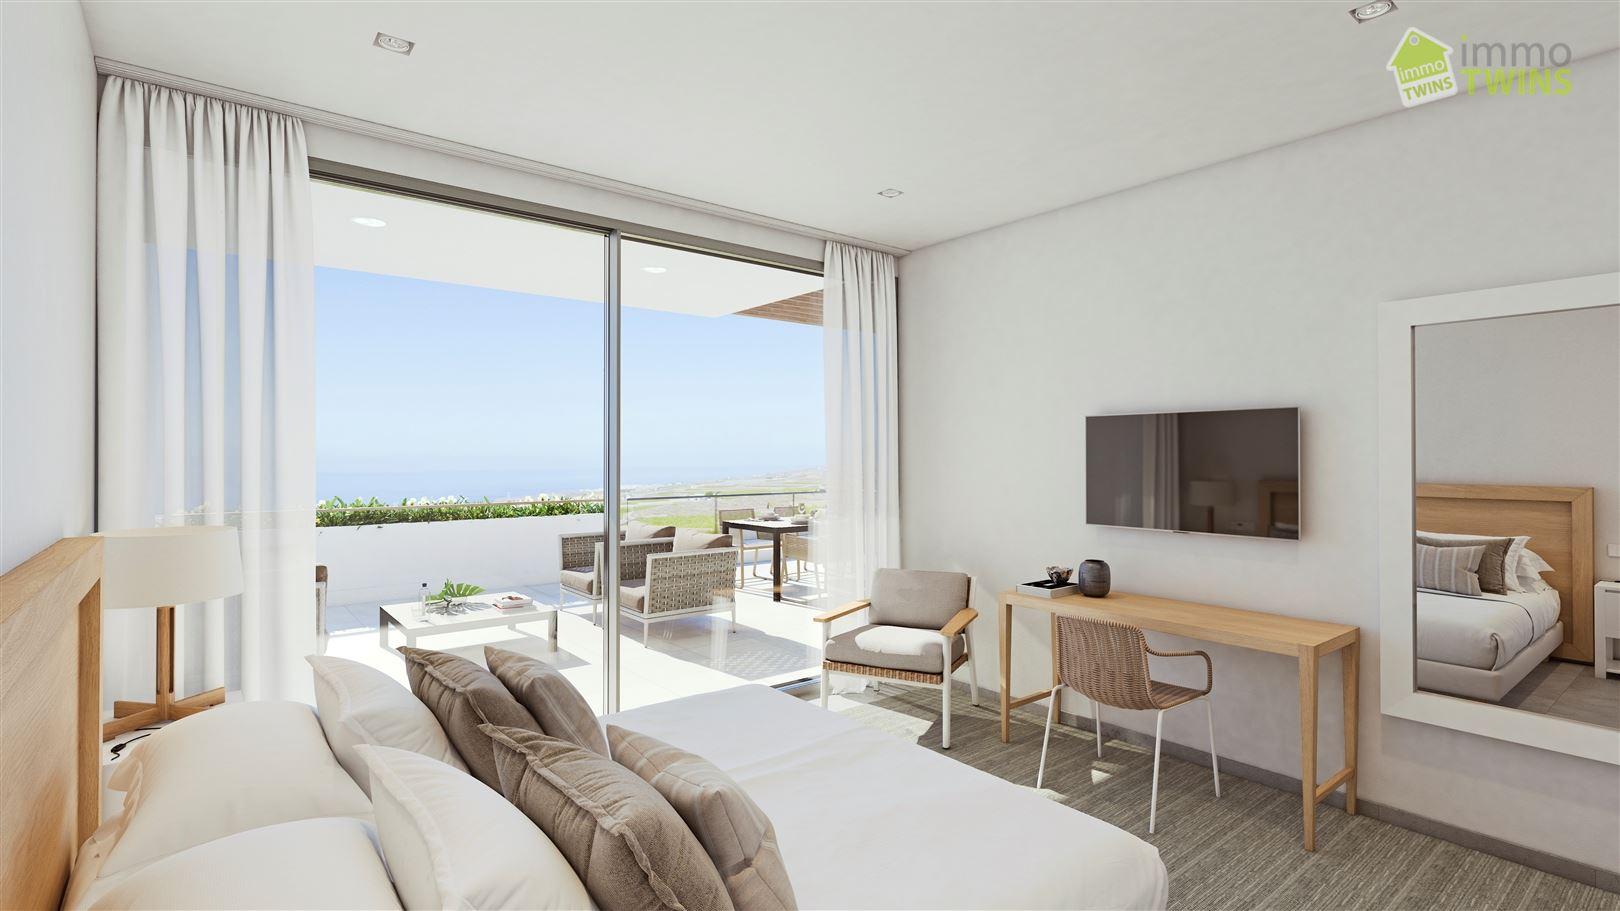 Foto 7 : Appartement te   (Spanje) - Prijs Prijs op aanvraag